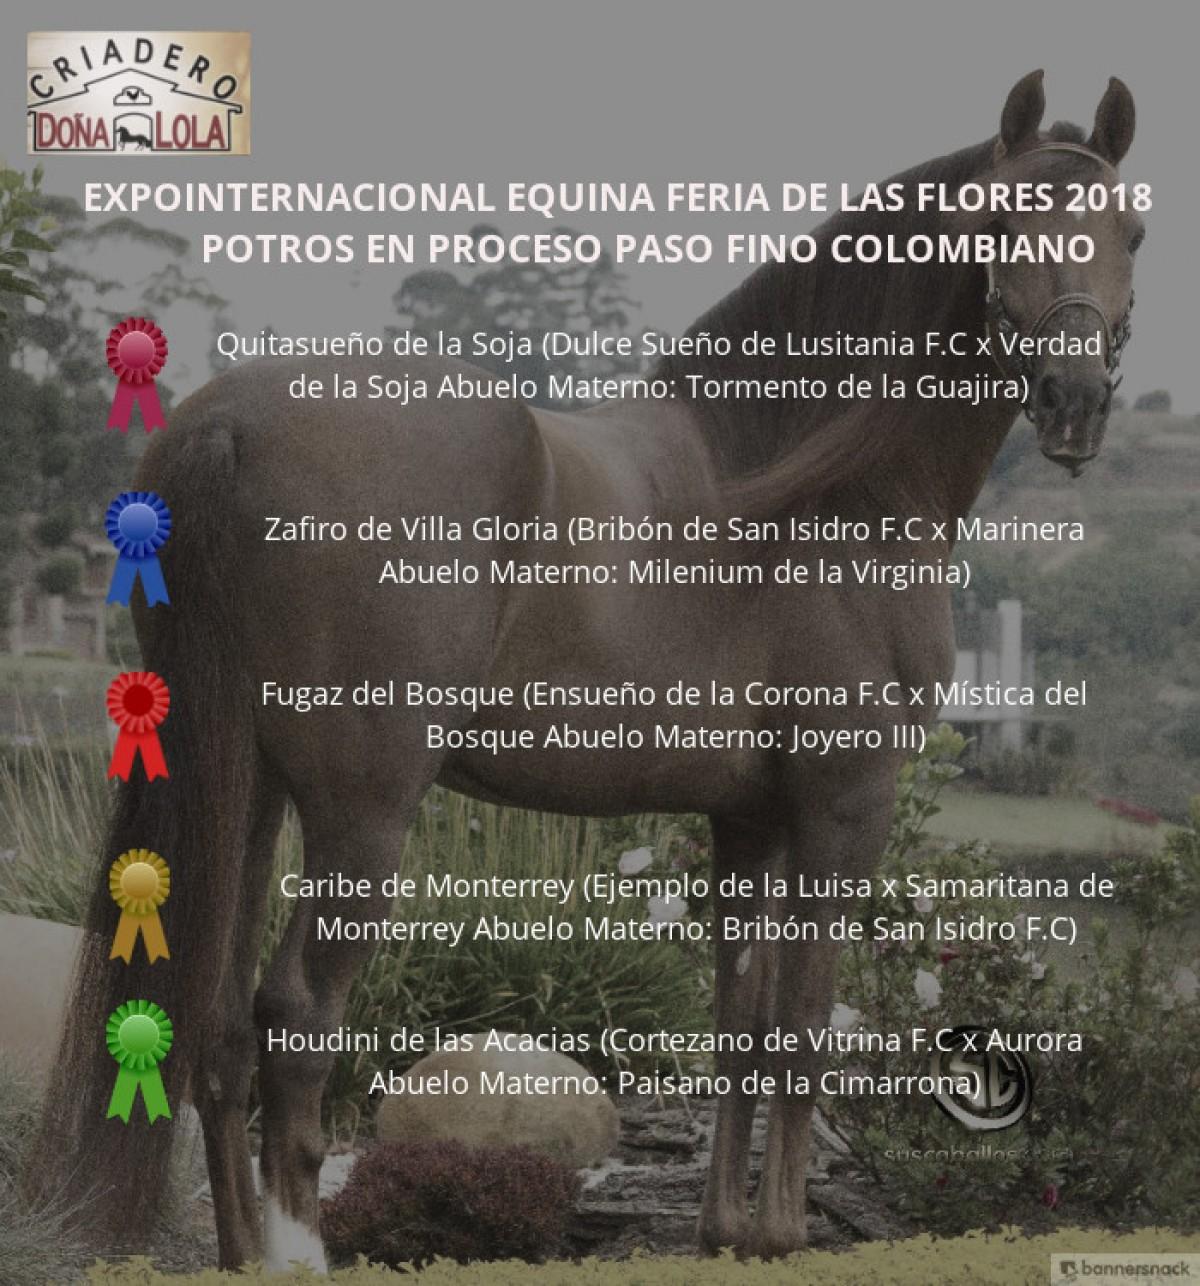 VÍDEO:Quitasueño Mejor,Zafiro 1P,Potros del Paso Fino Colombiano,Feria de Flores